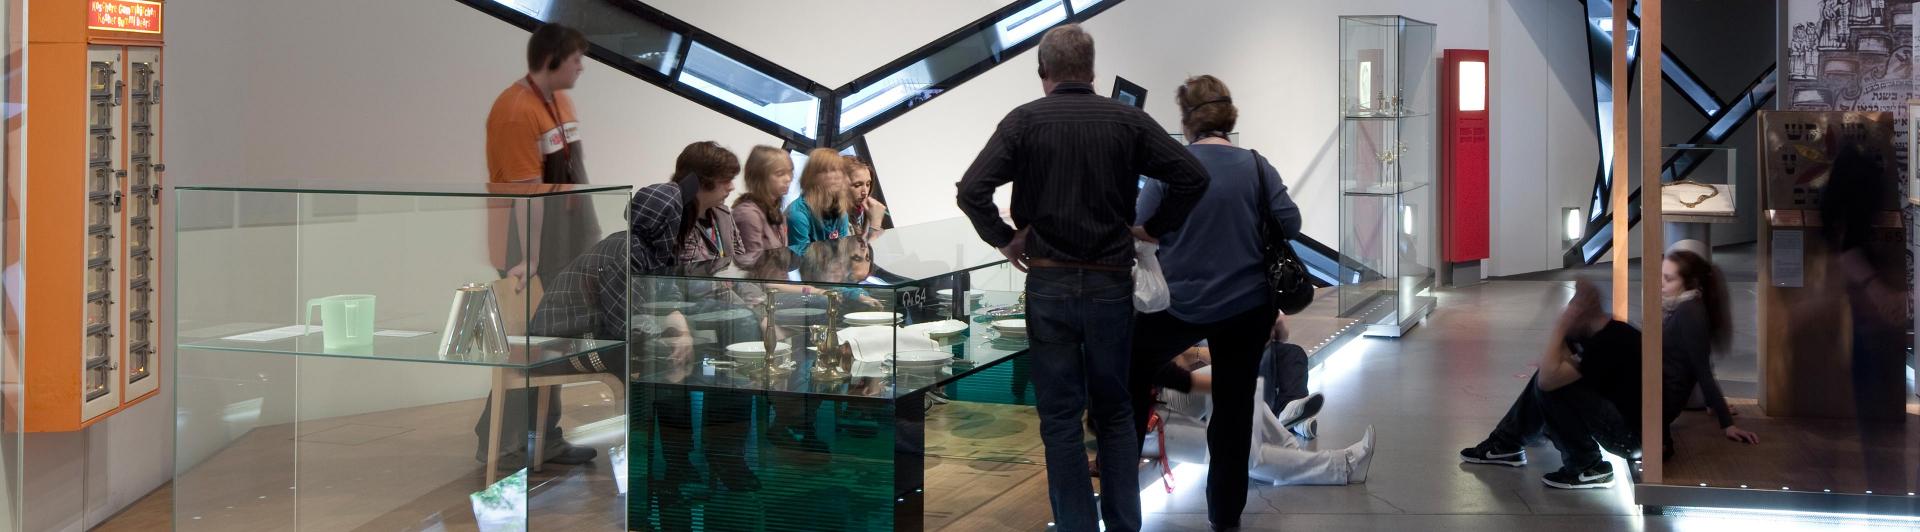 Besucher stehen in der Dauerausstellung